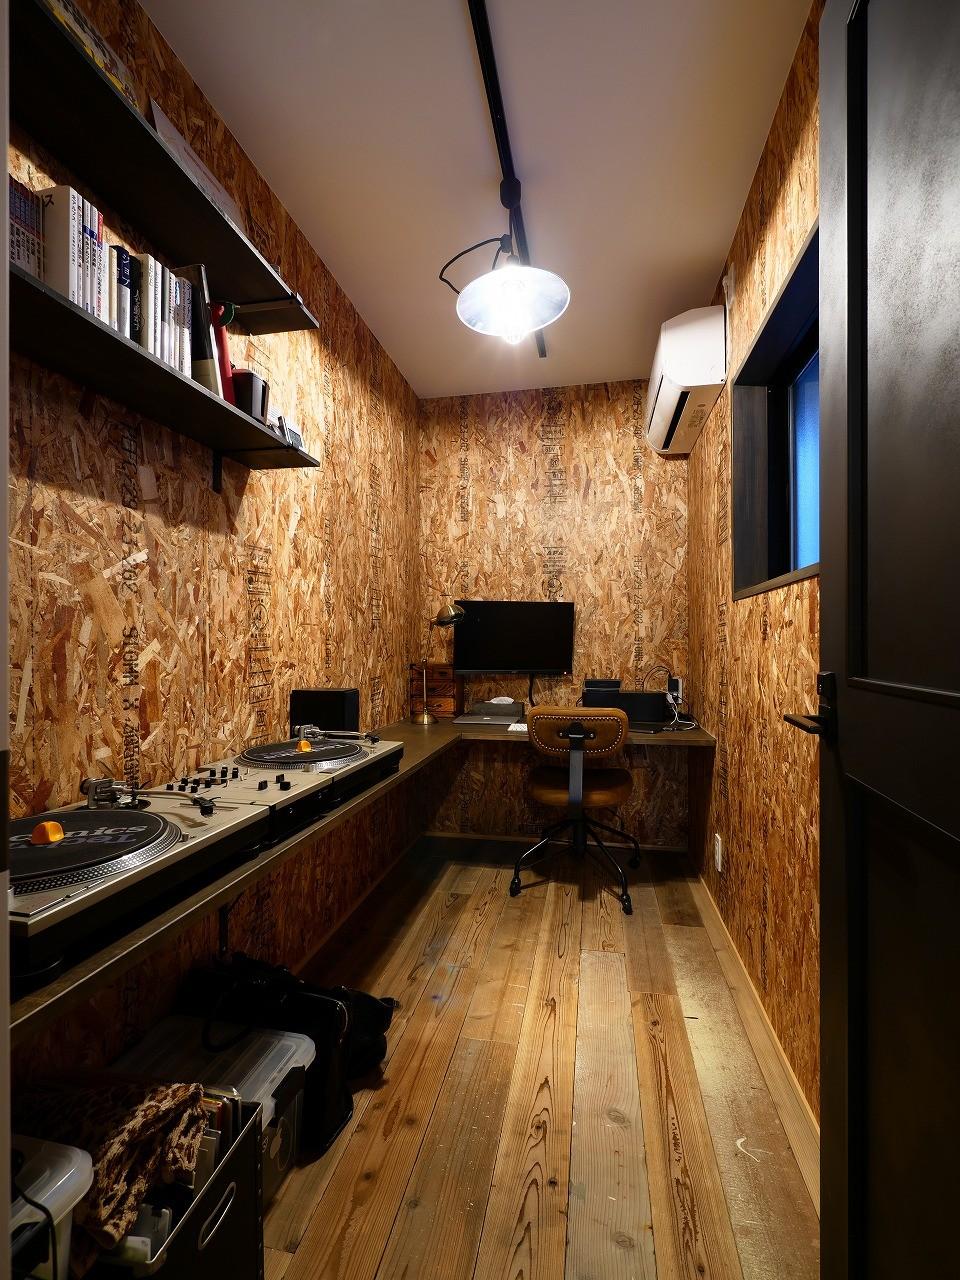 書斎事例:音楽を楽しむご主人の隠れ部屋(アウトドアを楽しむ家)